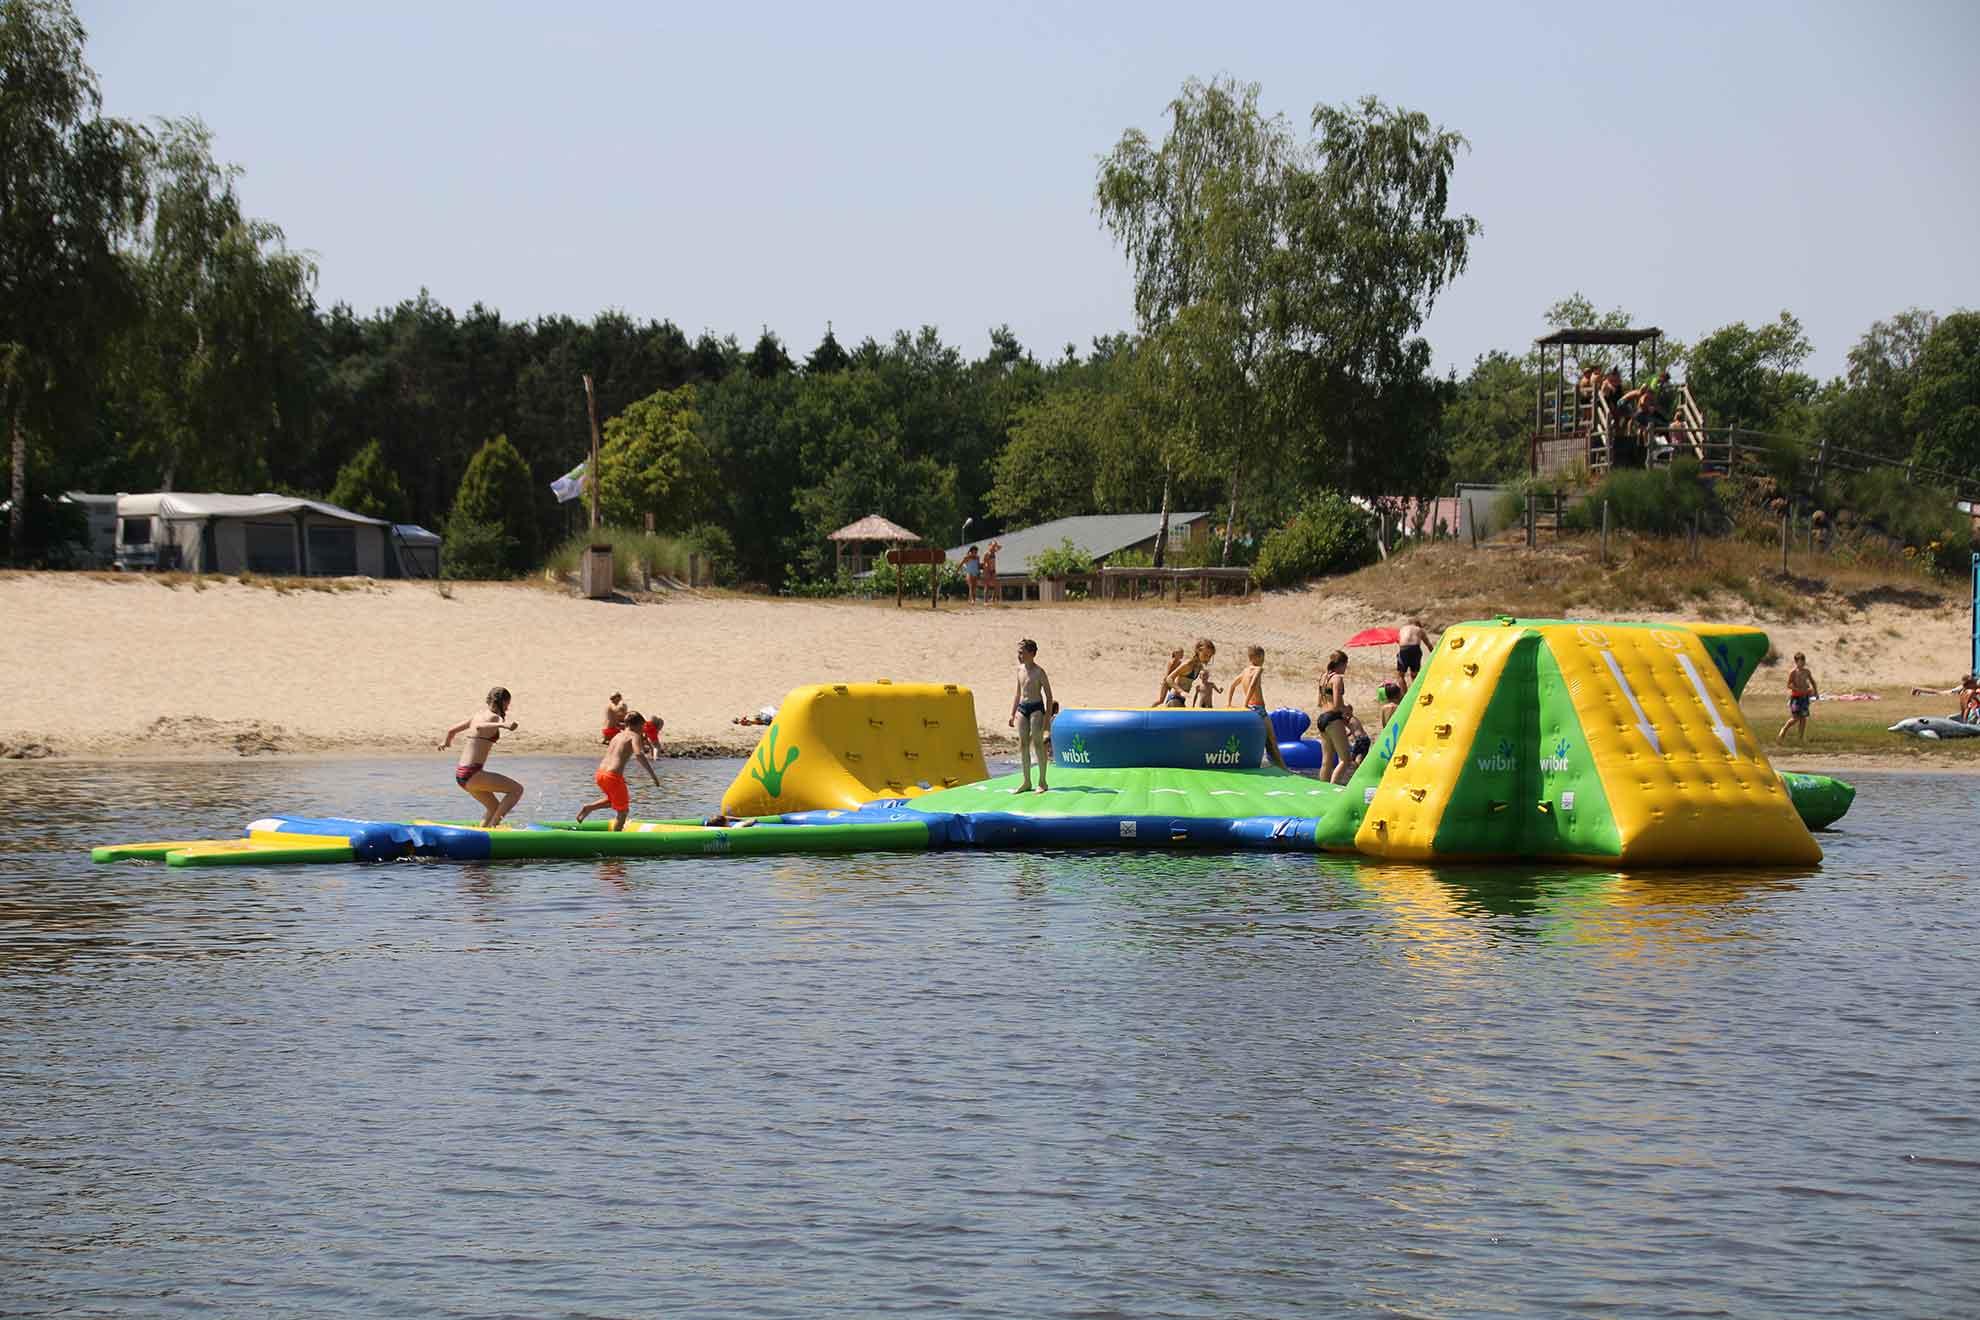 Camping vakantie in Overijssel op Vakantiepark het Stoetenslagh - Camping vakantie in Overijssel voor gezinnen